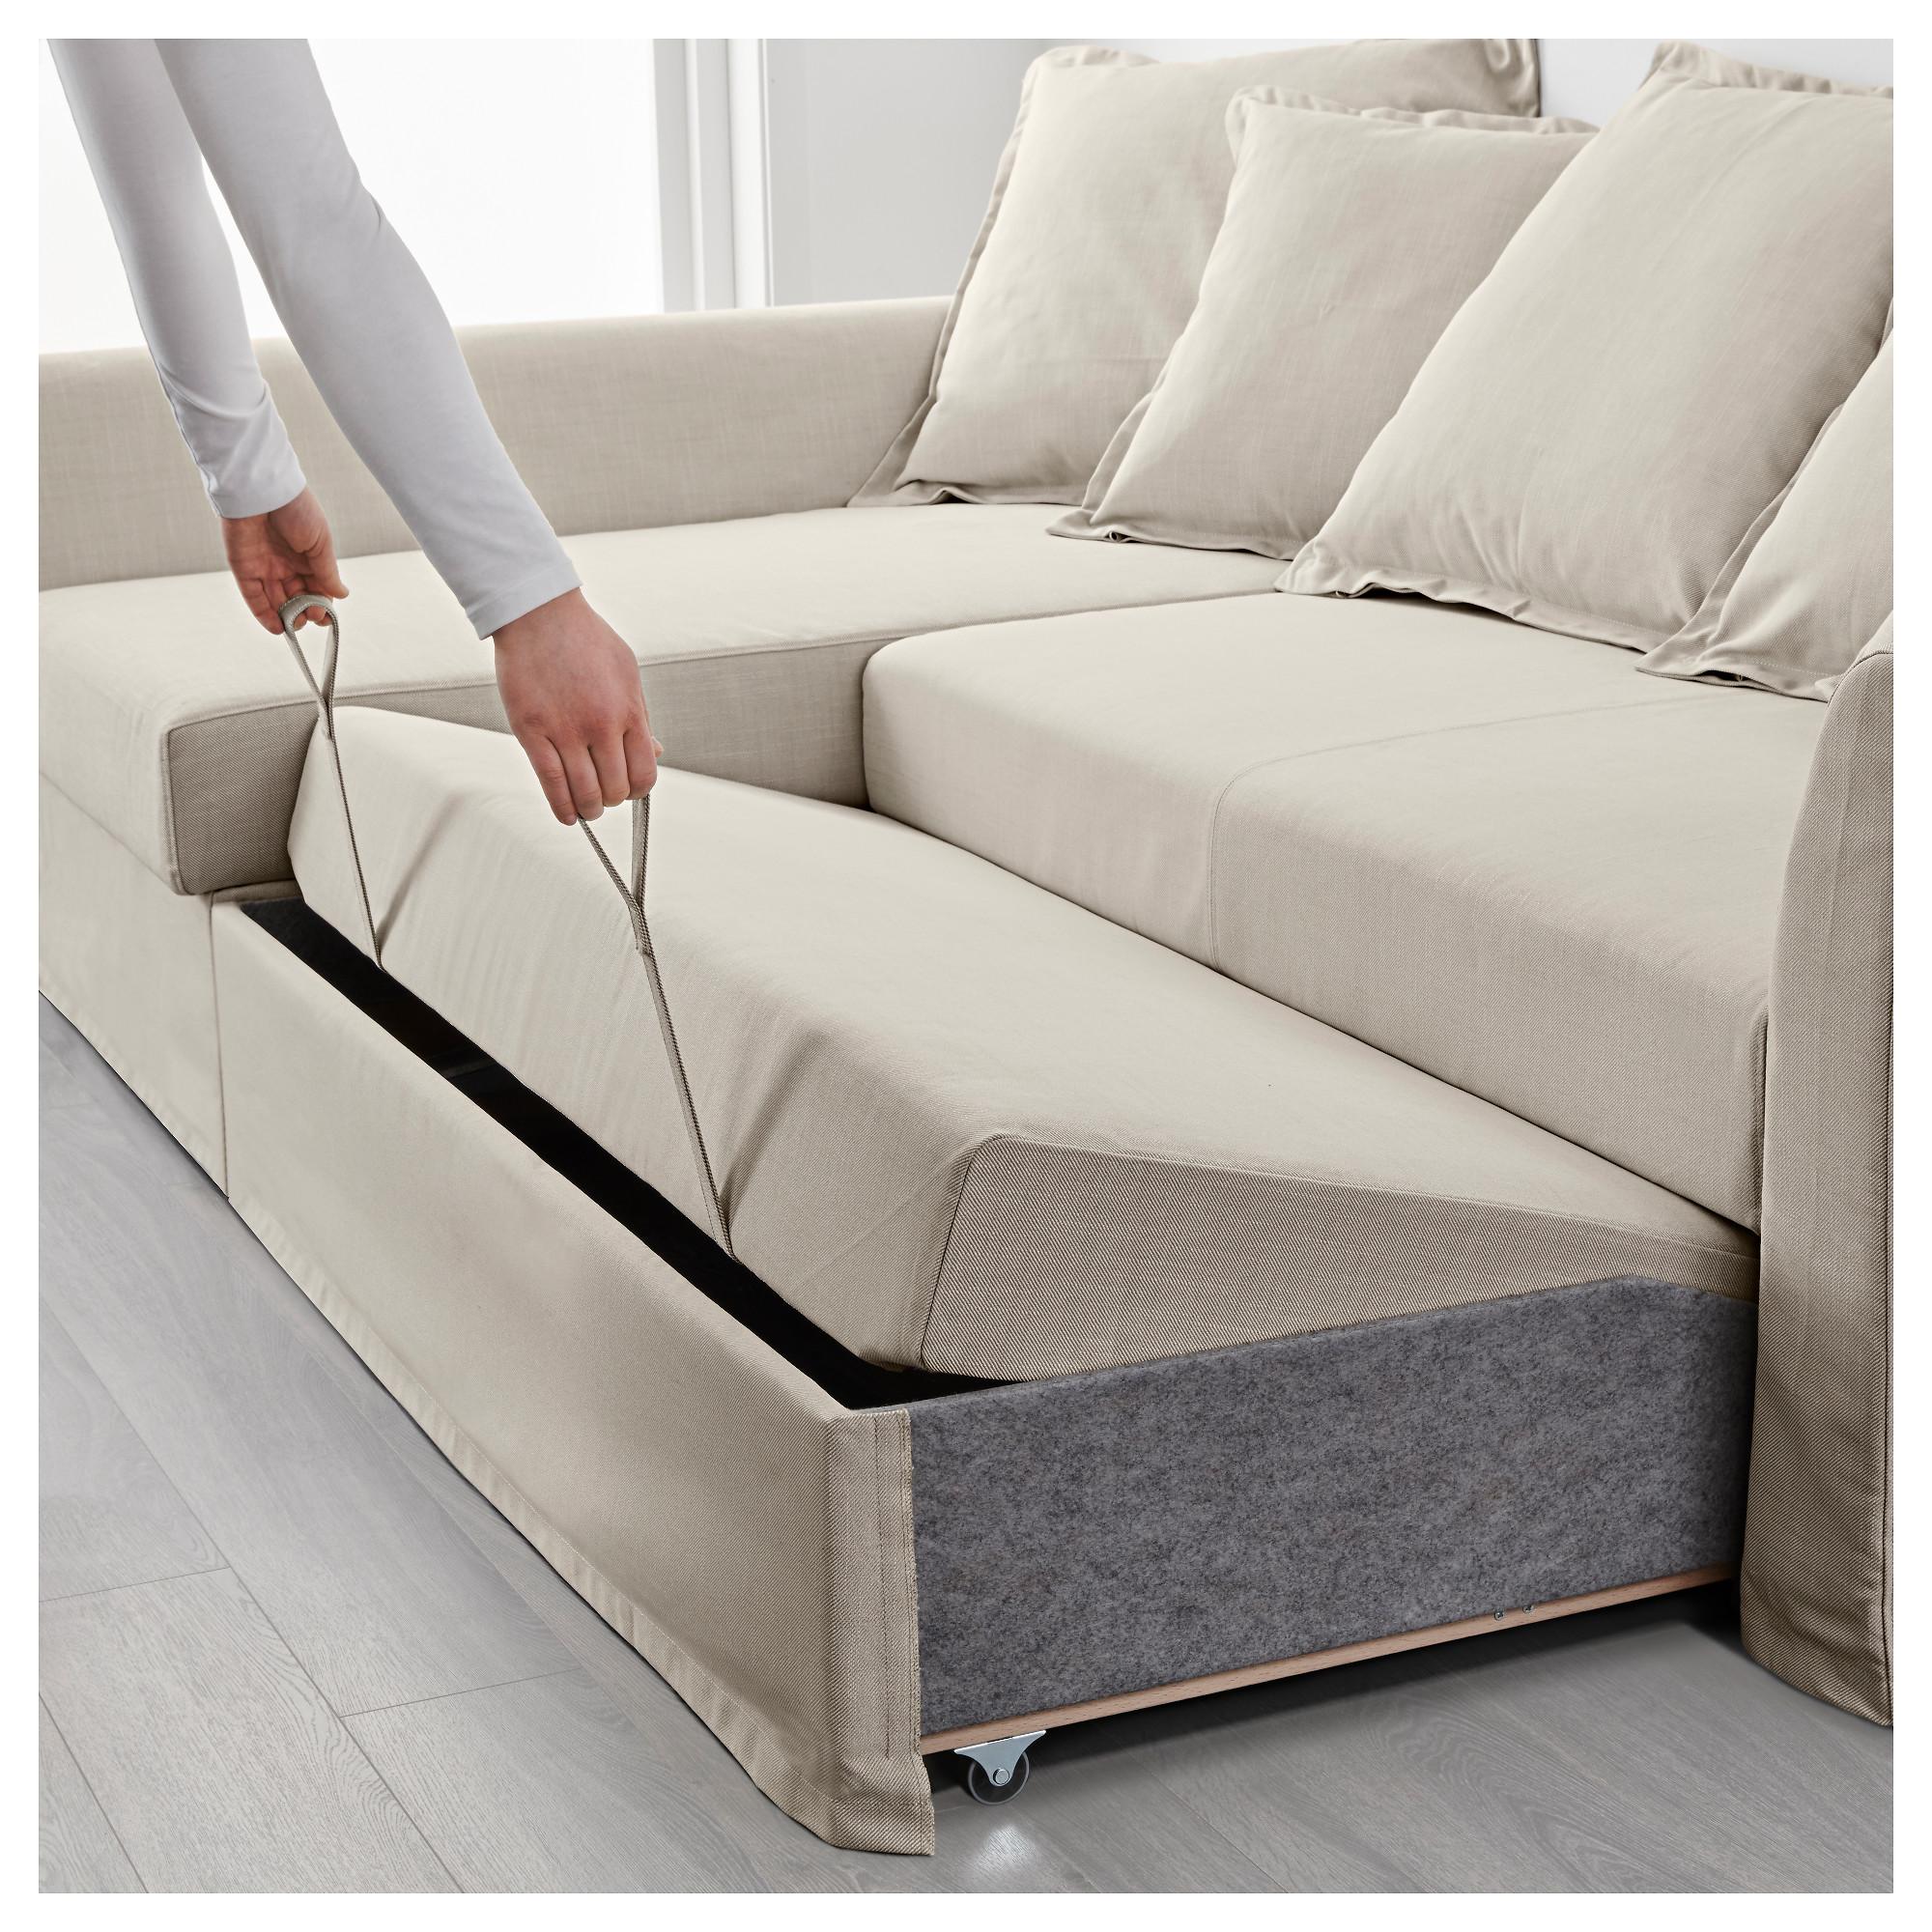 official photos 0a658 1a3e1 HOLMSUND - corner sofa-bed, Nordvalla beige   IKEA Hong Kong